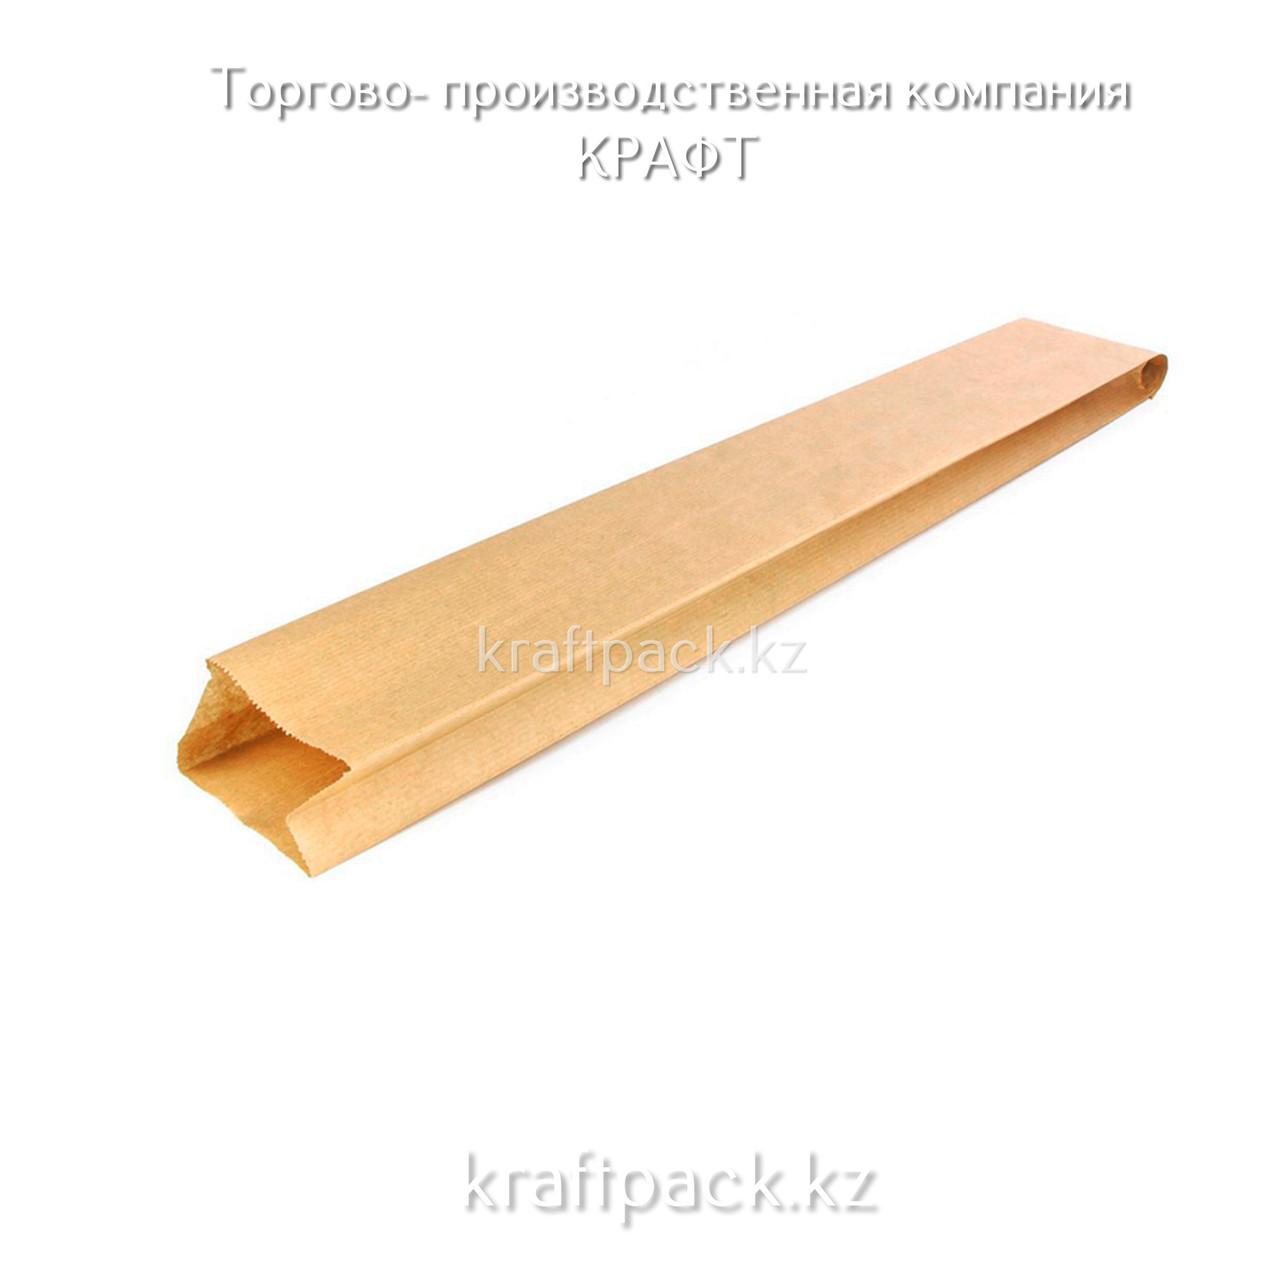 Пакет крафт с плоским дном 90*40*450 (1200шт/уп)